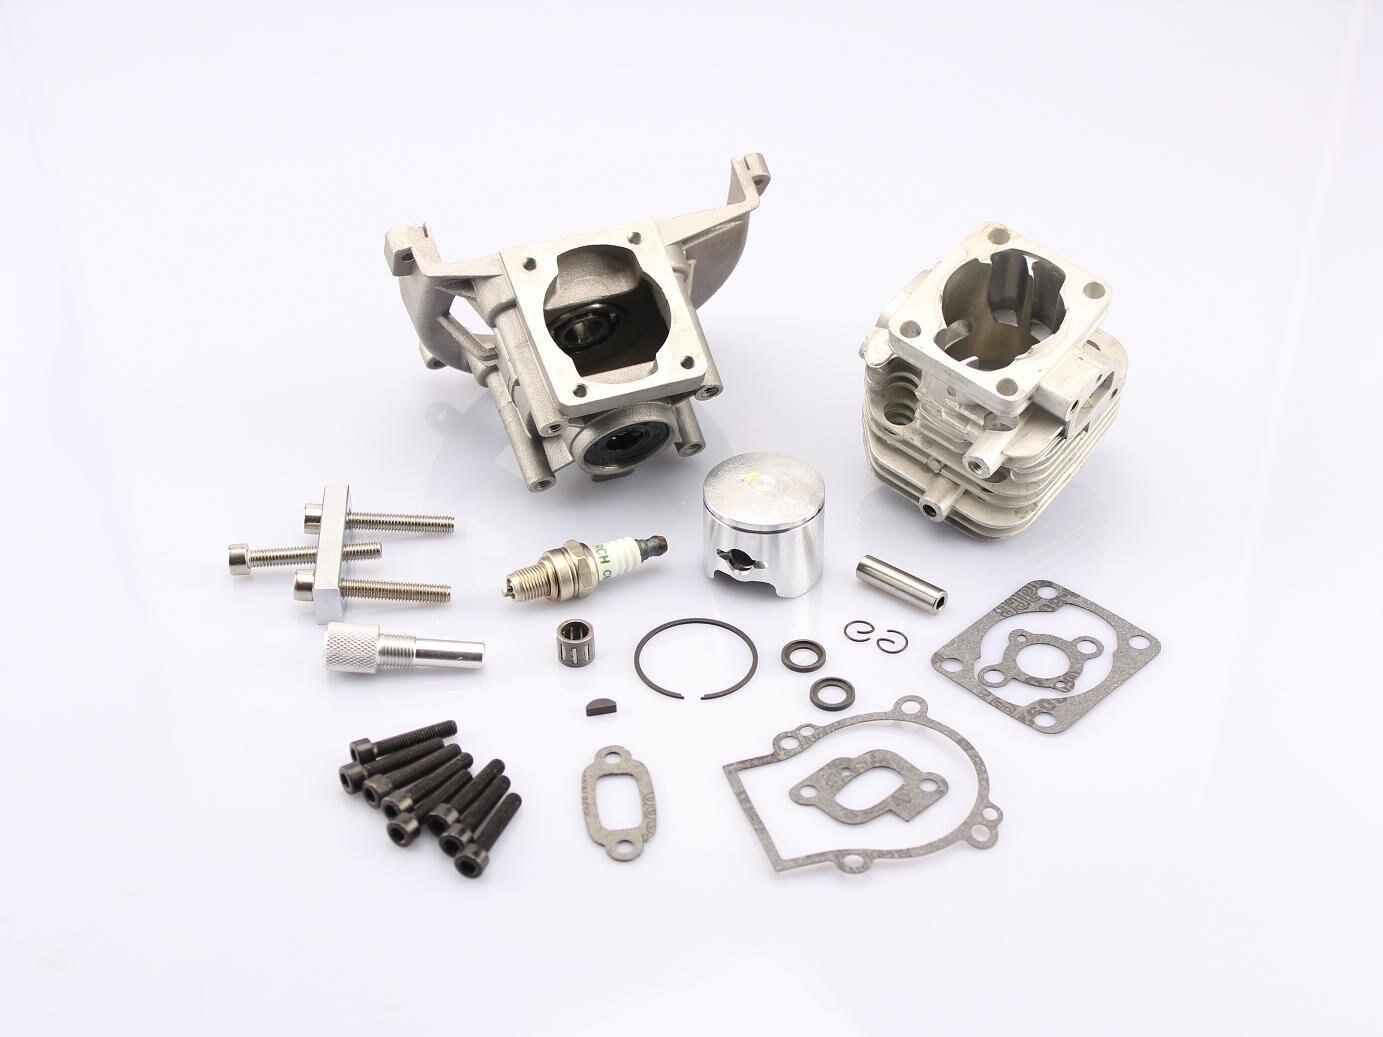 29CC четырехточечный Комплект запчастей для двигателя 1/5 baja HPI KM 5B 5T 5SC rc car